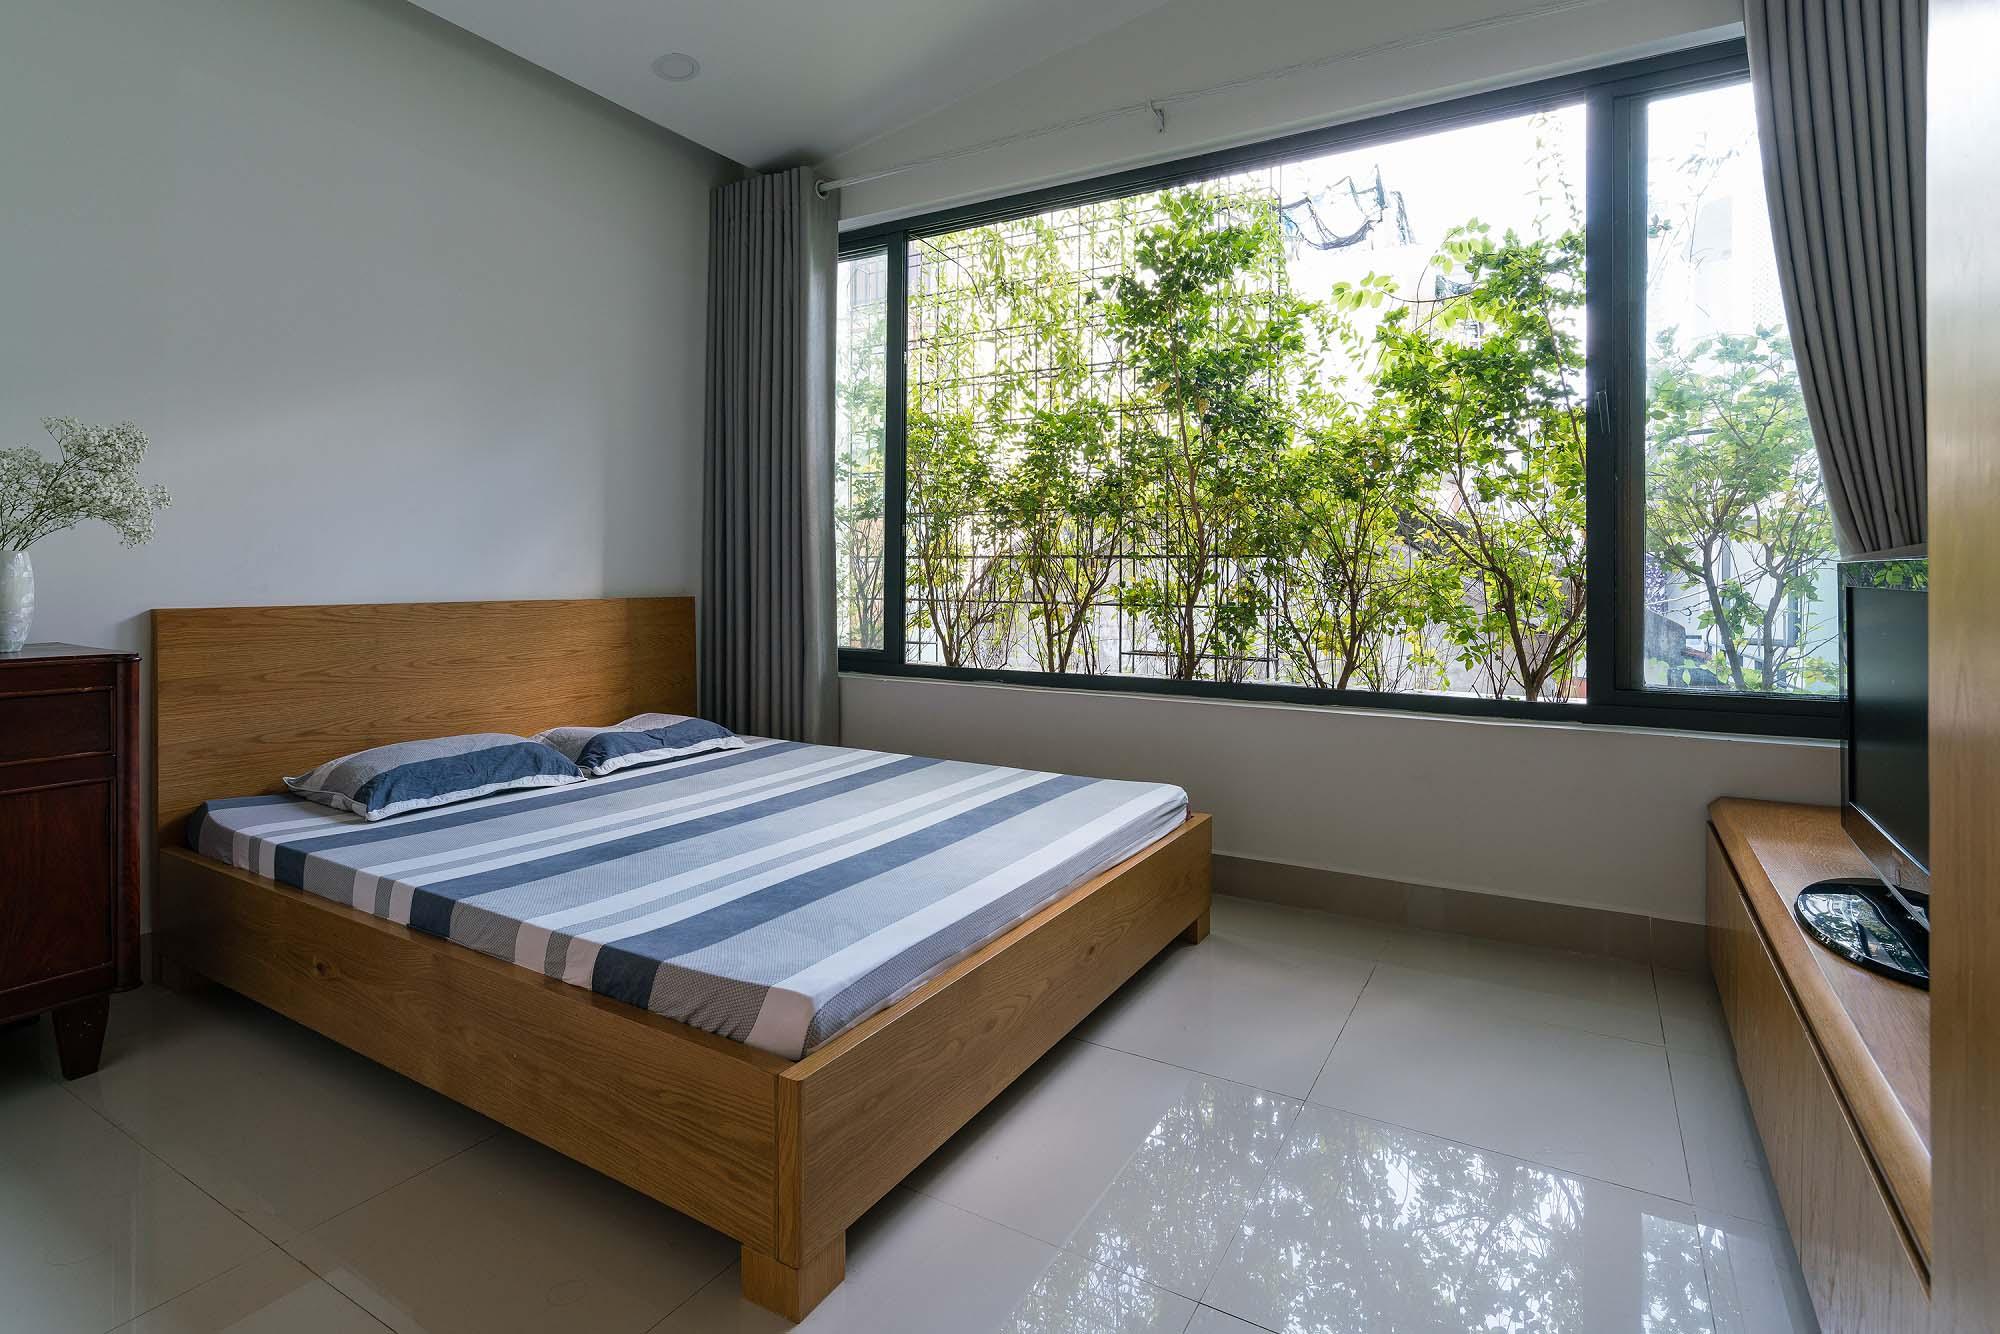 Nhà ít người nên chỉ có hai phòng ngủ trên tầng hai. Nhờ các mảng xanh ở mặt tiền và hông nhà, các phòng ngủ đều được tiếp xúc với thiên nhiên.